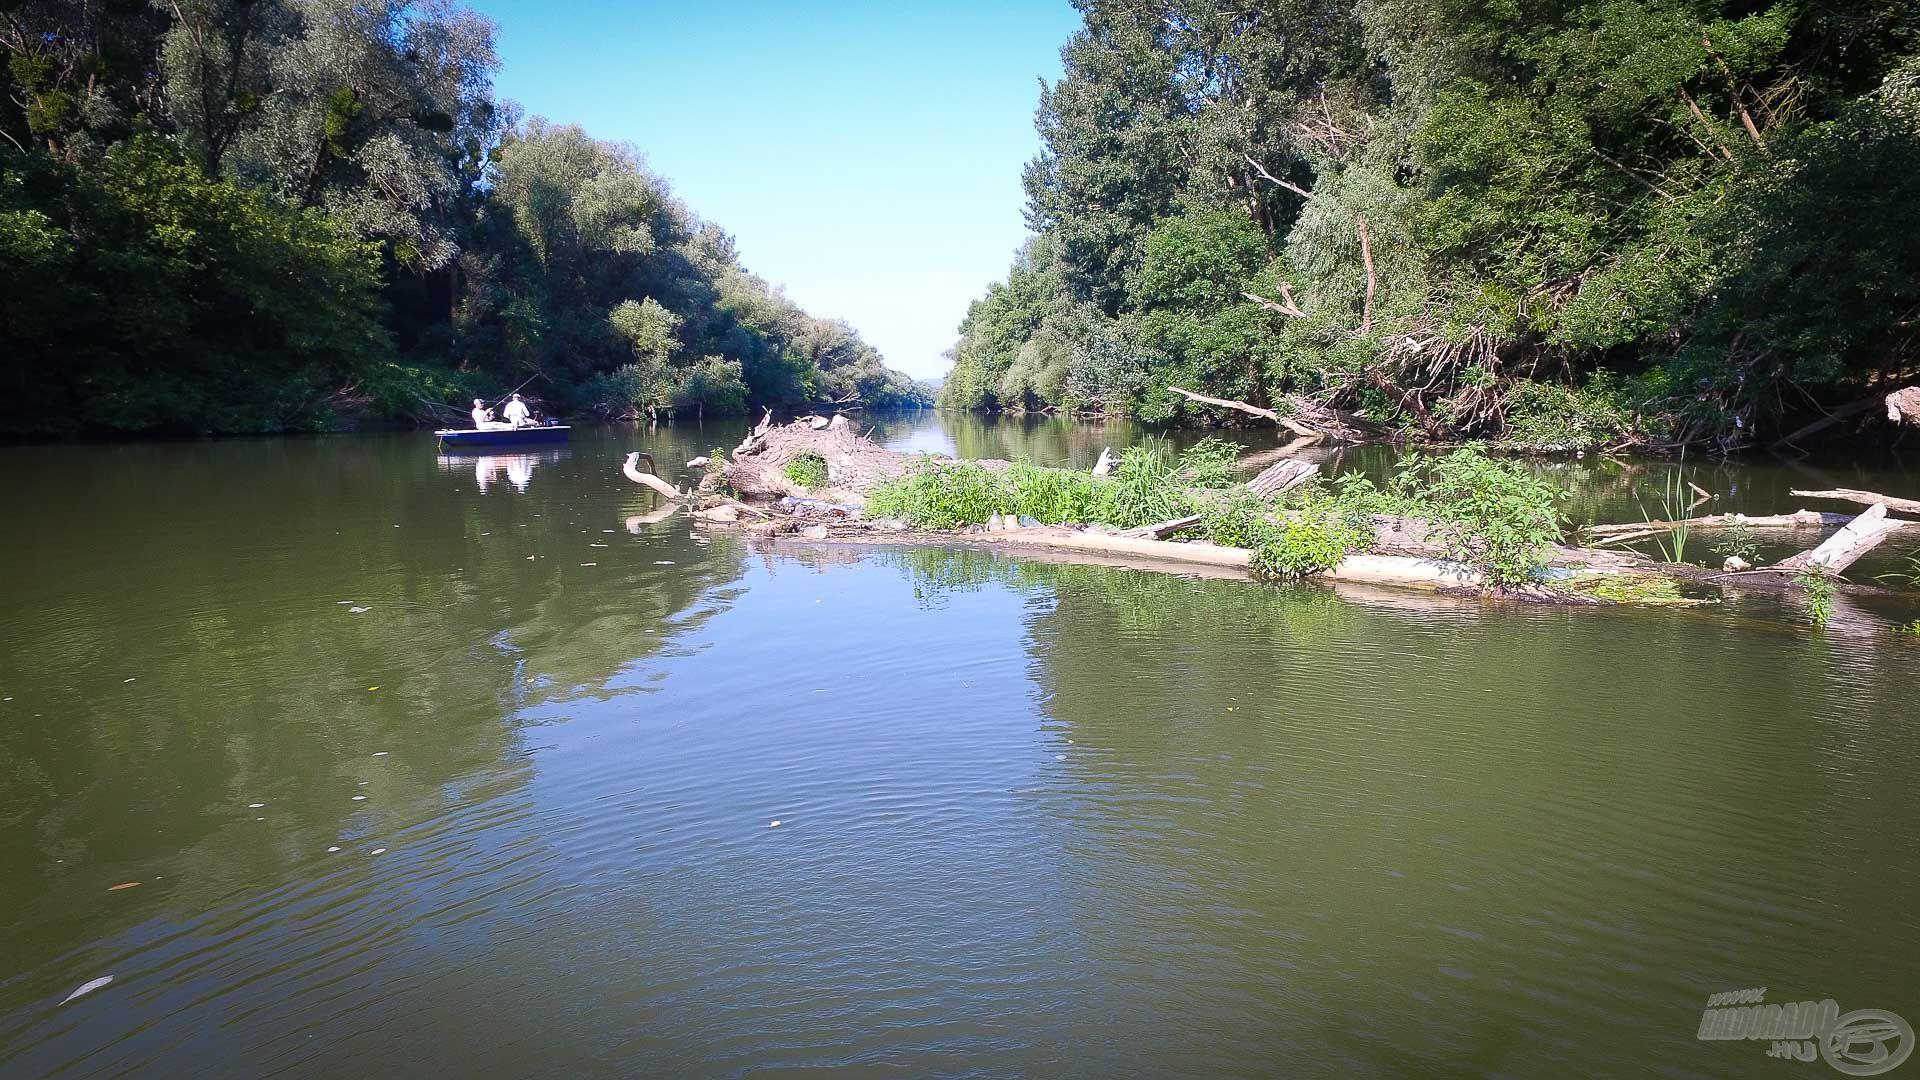 Az ilyen területek ideálisak erre a fajta horgászatra